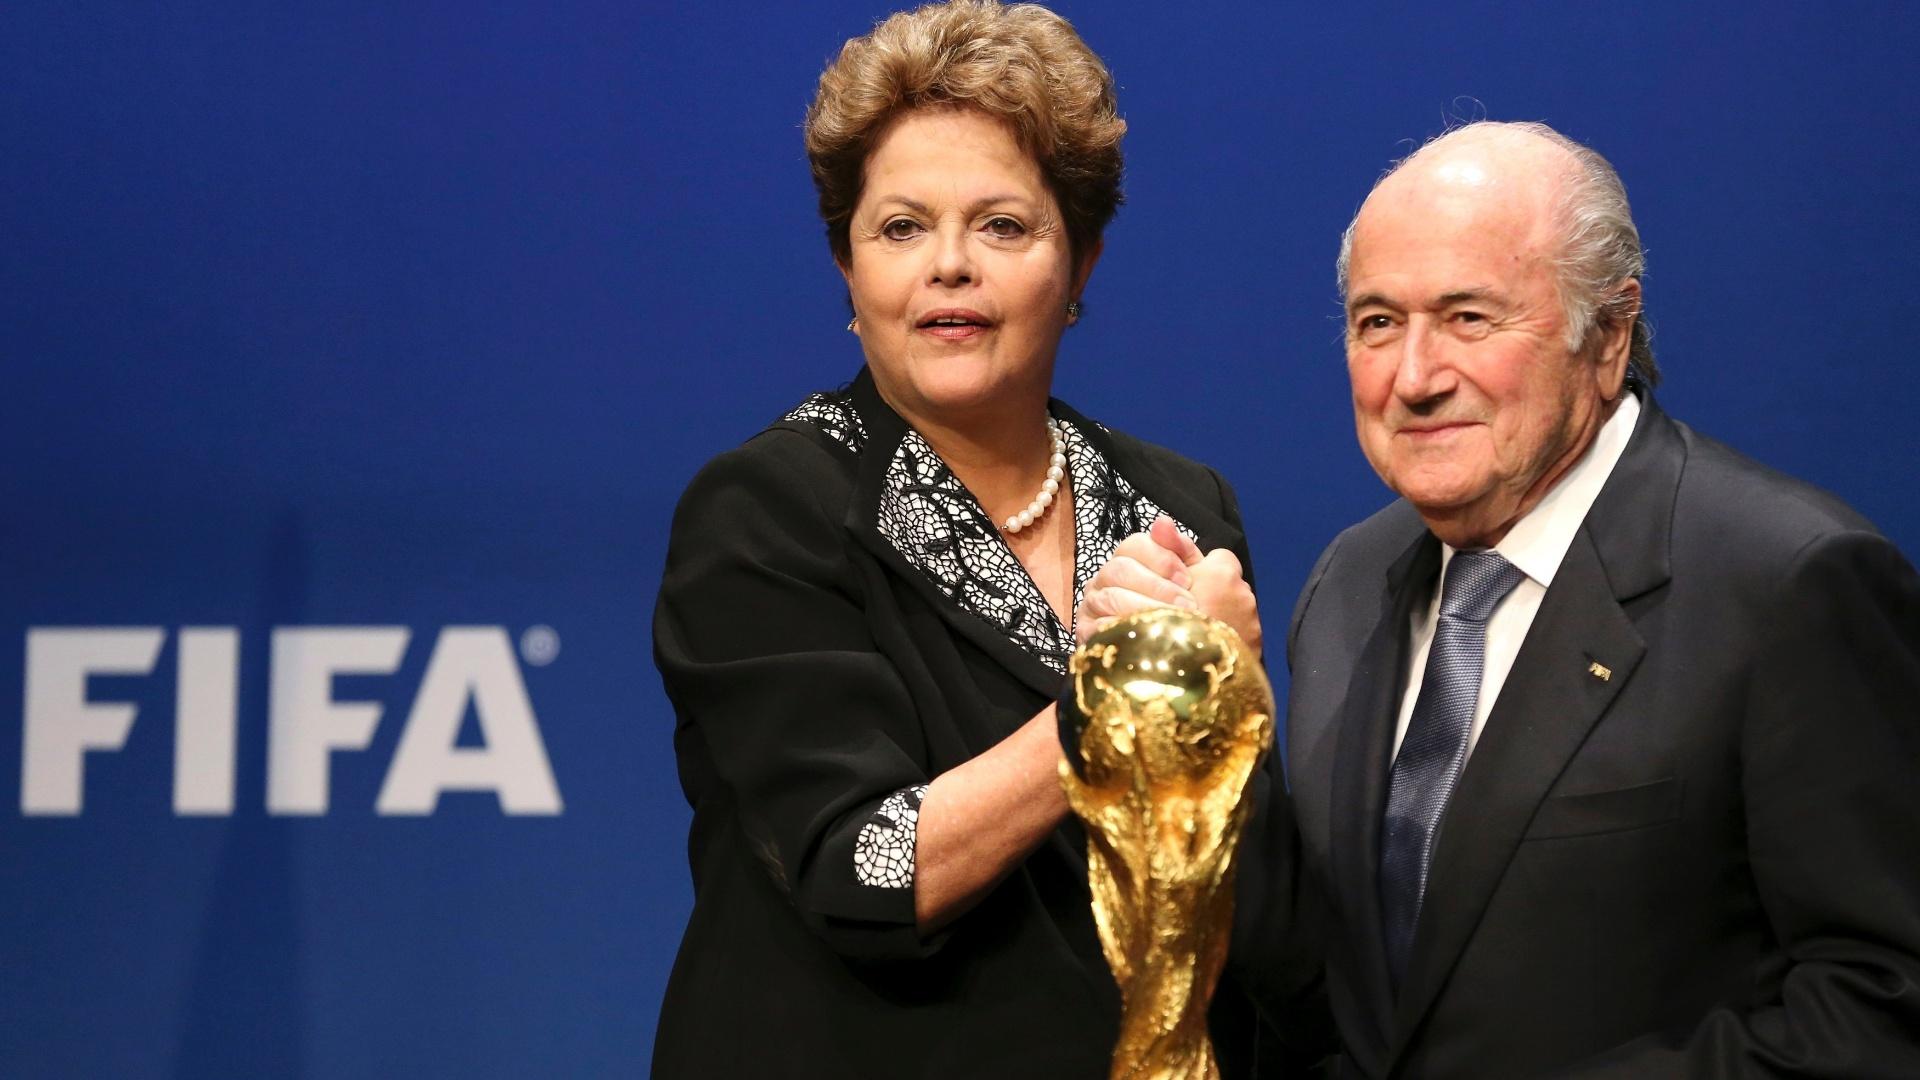 23.jan.2014 - Dilma e Blatter posam para foto atrás de troféu da Copa do Mundo